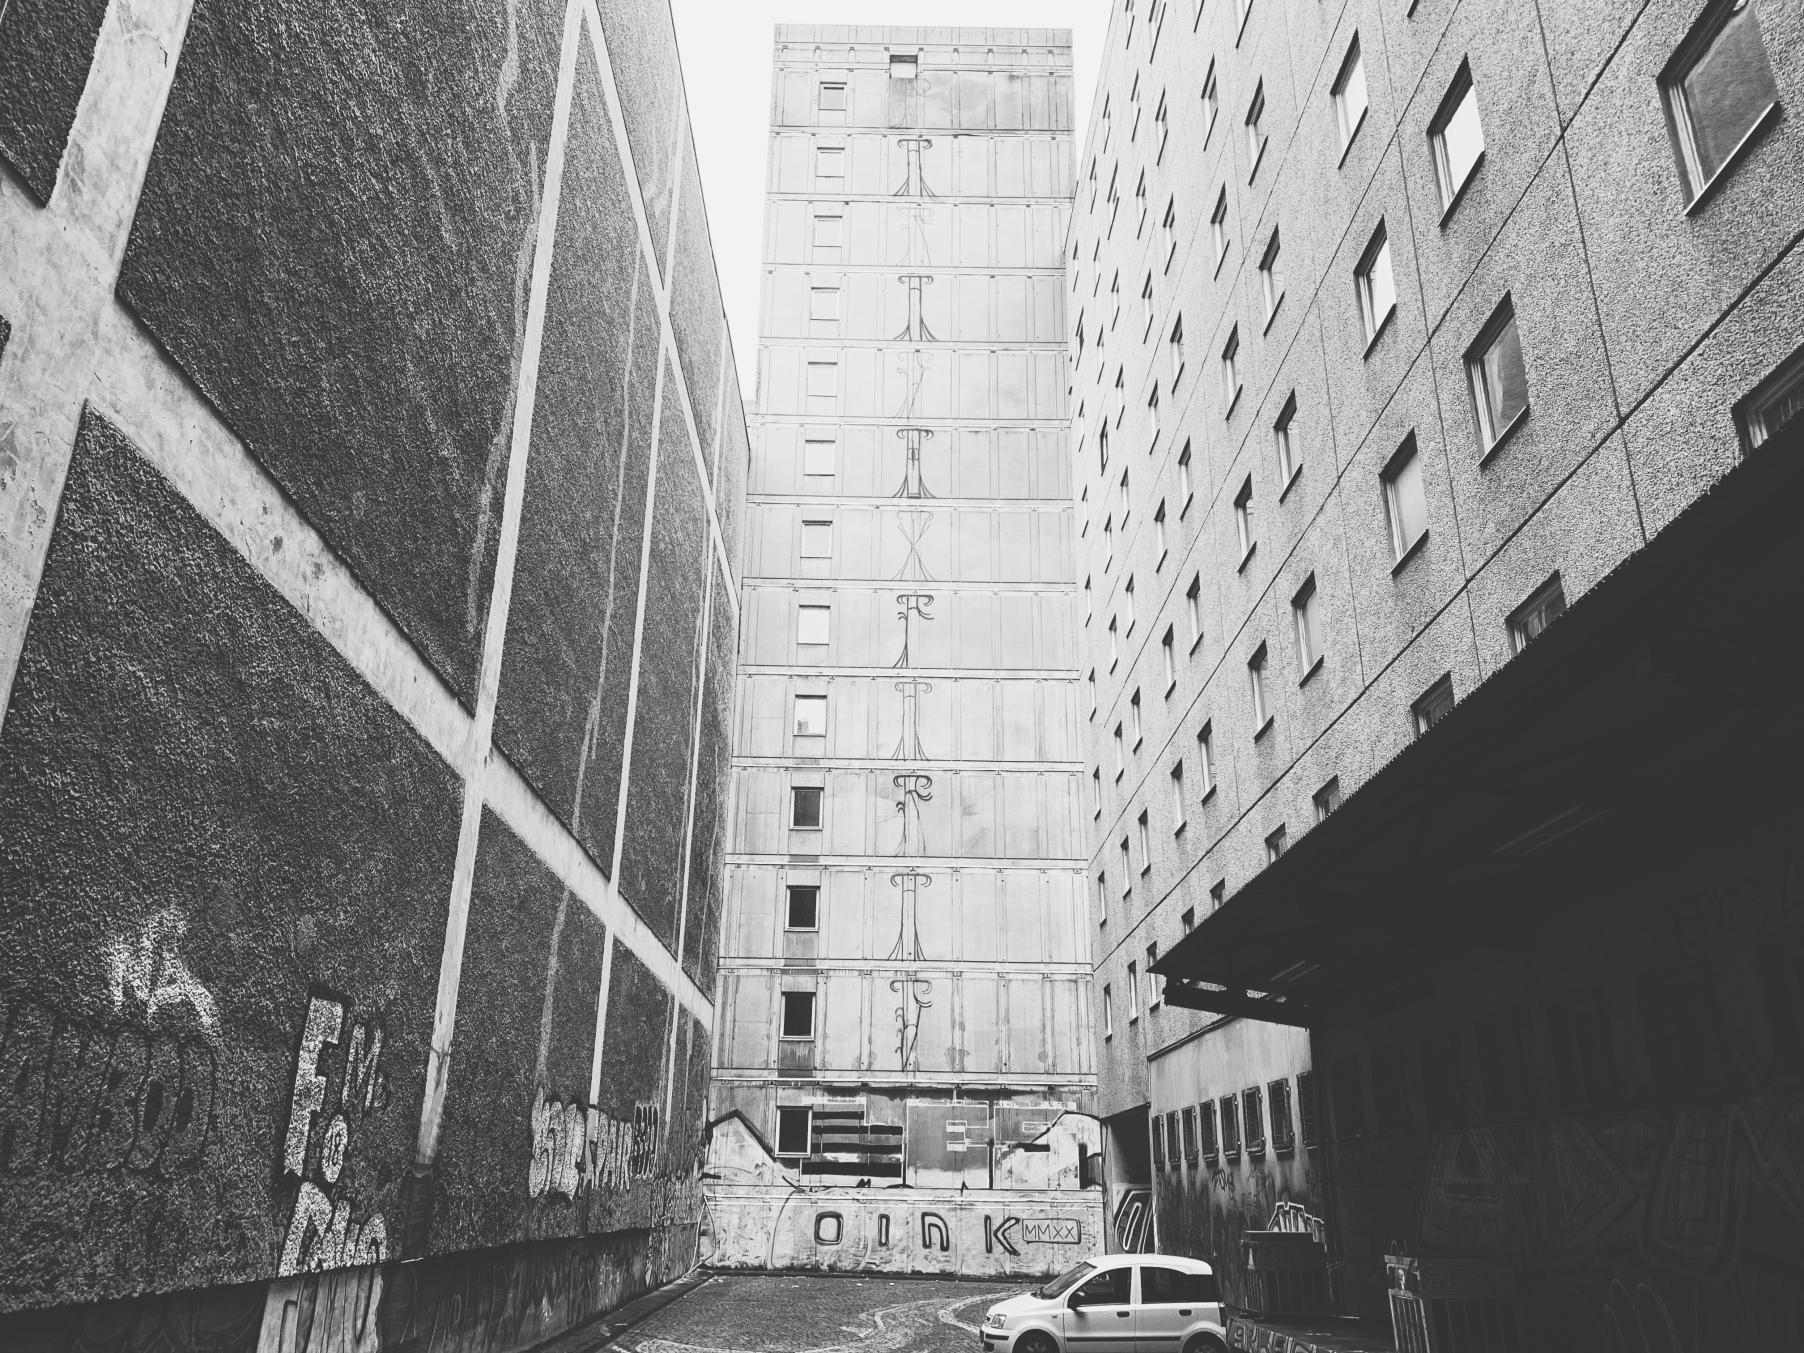 Schwarz-weiß Bild, Hinterhof mit drei unterschiedlichen Plattenbauwänden, links ohne Fenster. In der Mitte des Hofes steht ein Auto, Graffitis sind auf den Wänden zu sehen.